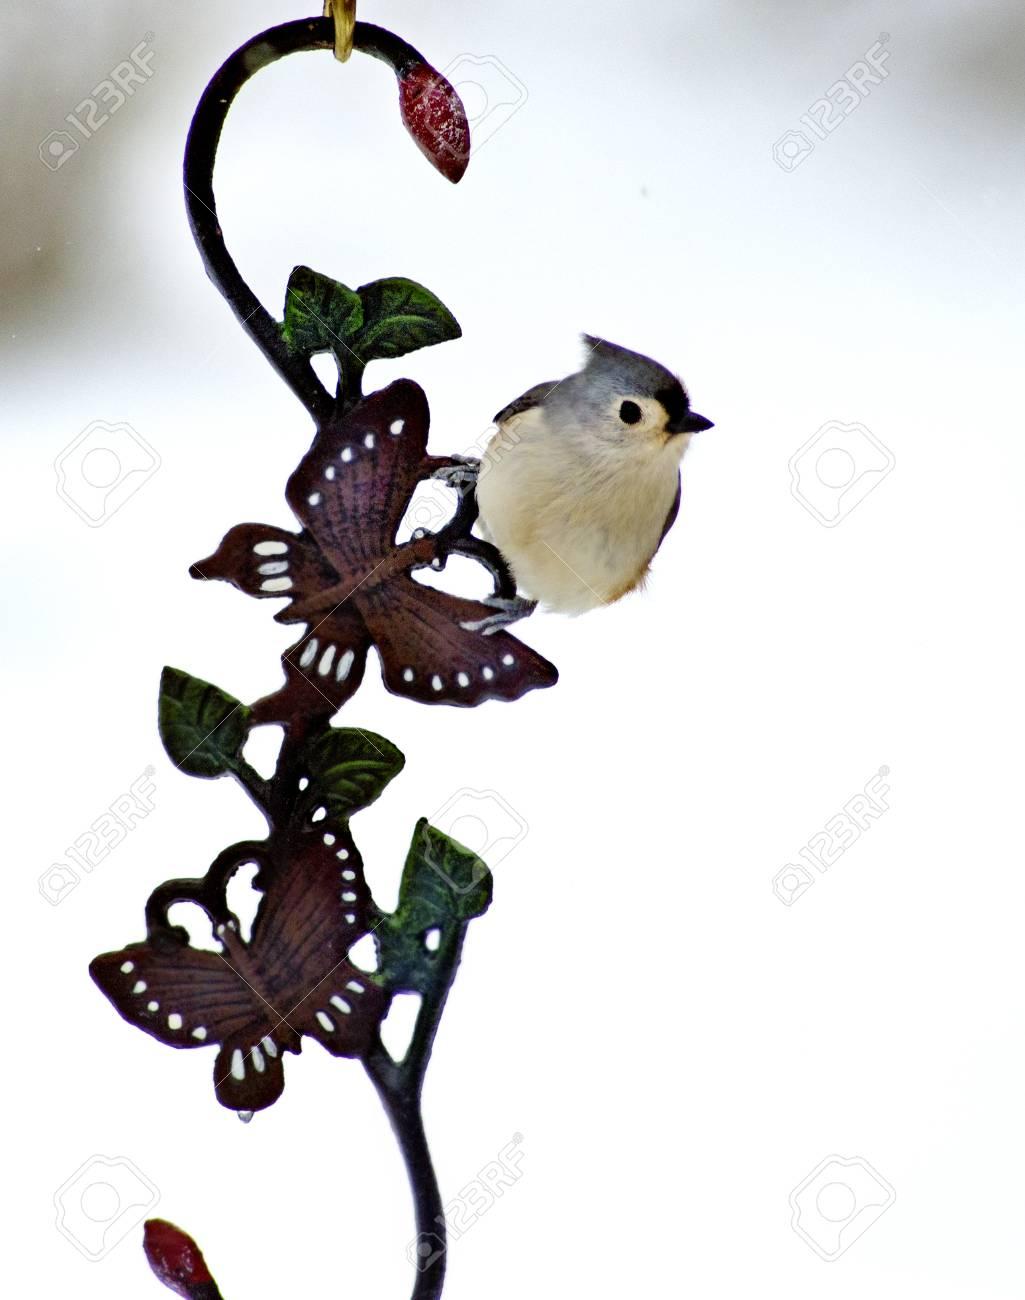 Indianermeise Vogel Hängt An Einem Haken Aus Metall Lizenzfreie